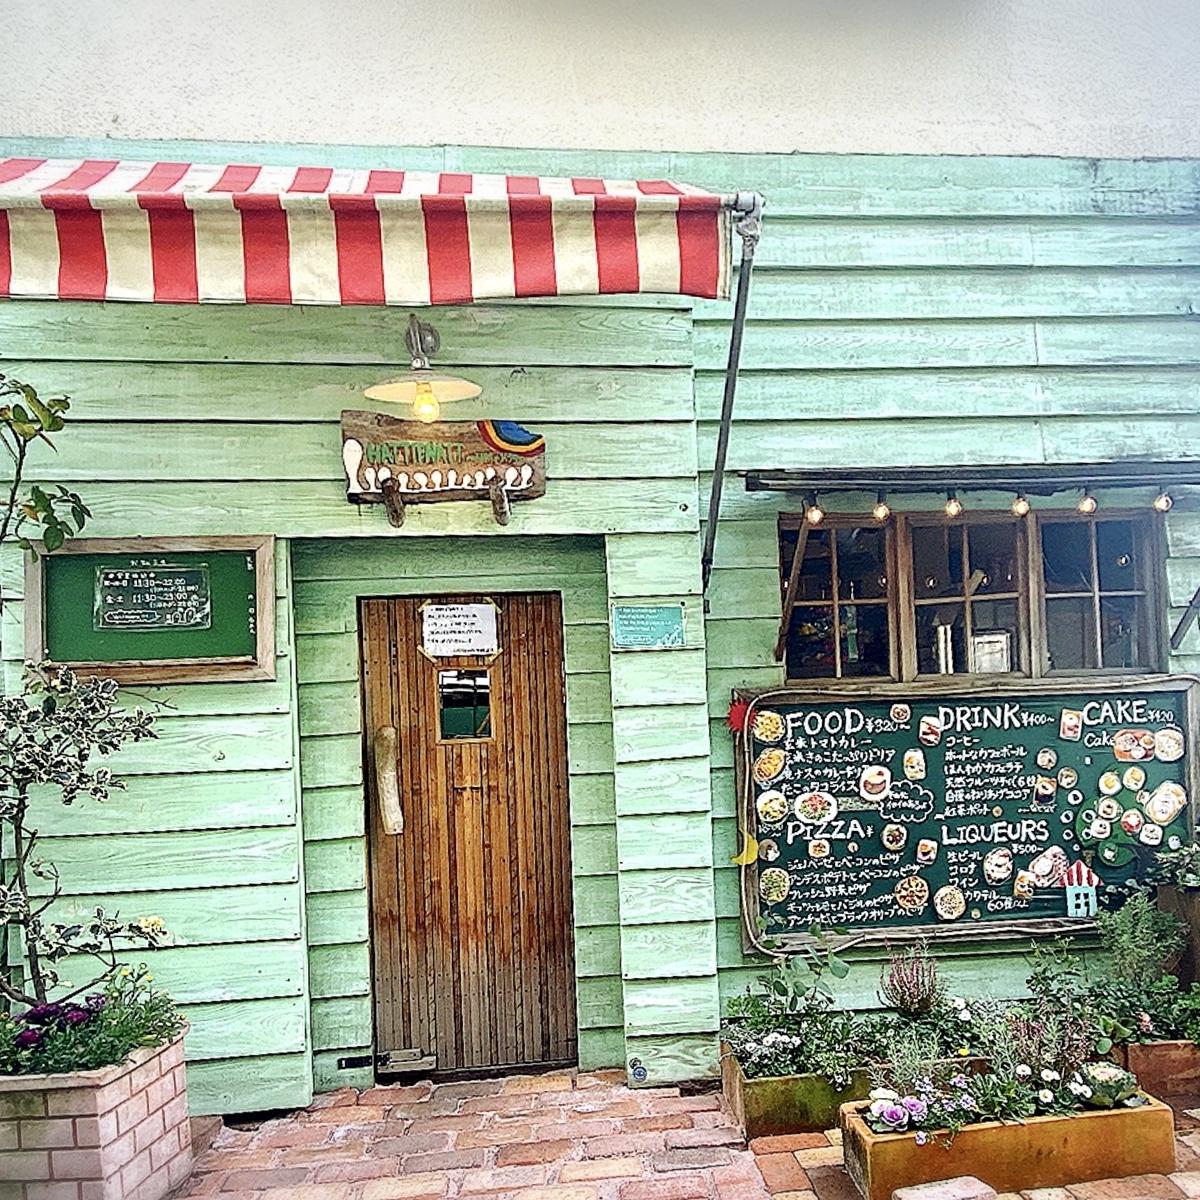 「ハティフナット 吉祥寺のおうち」は可愛いカフェ好きにはもってこいの素敵なカフェでした!